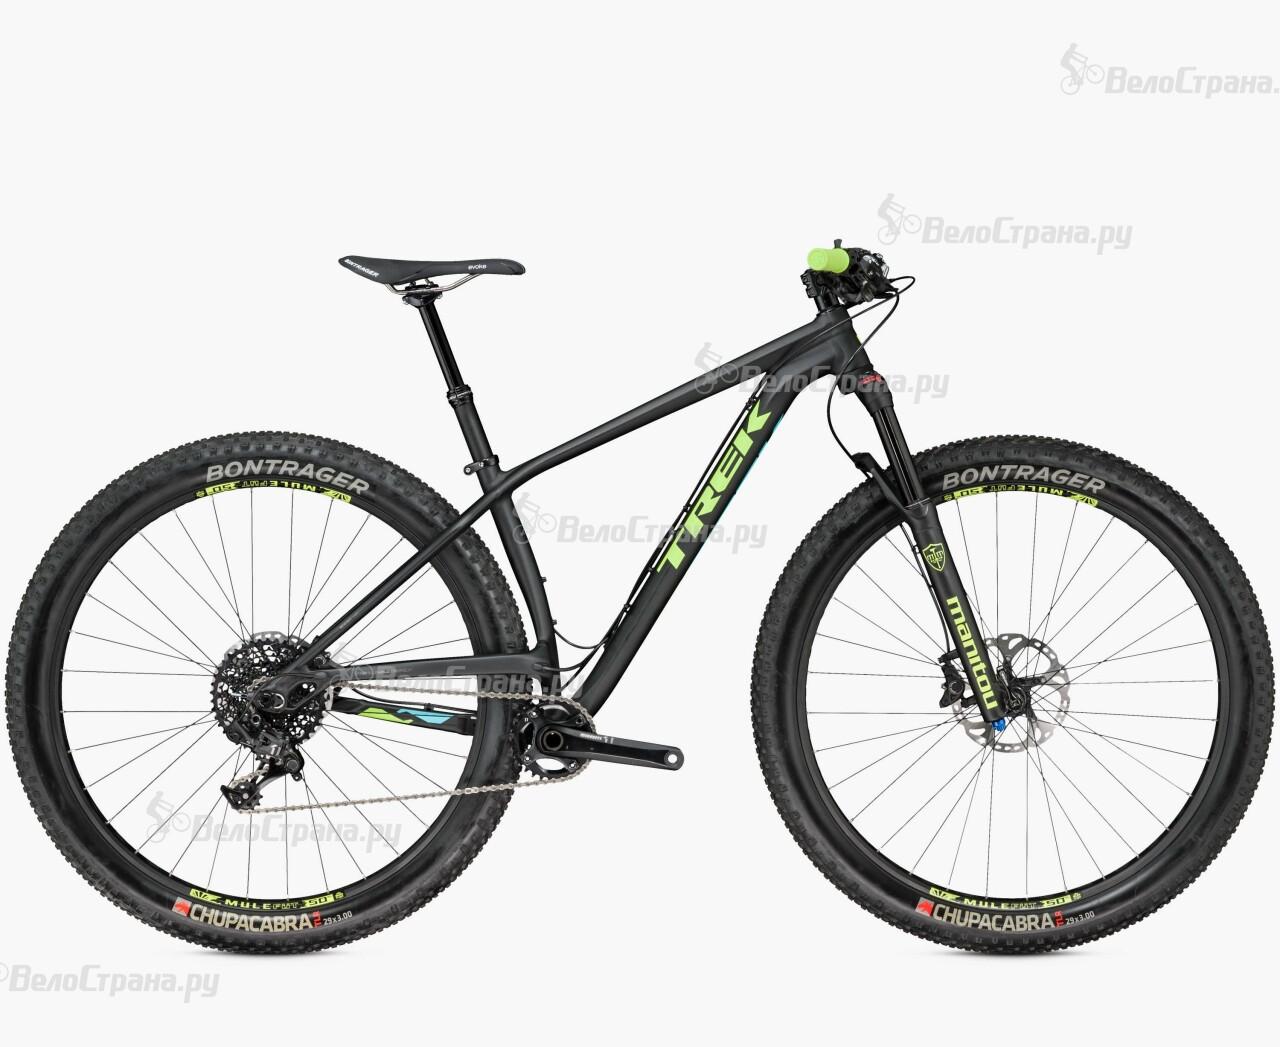 Велосипед Trek Stache 9 29+ (2016) велосипед trek stache 7 2017